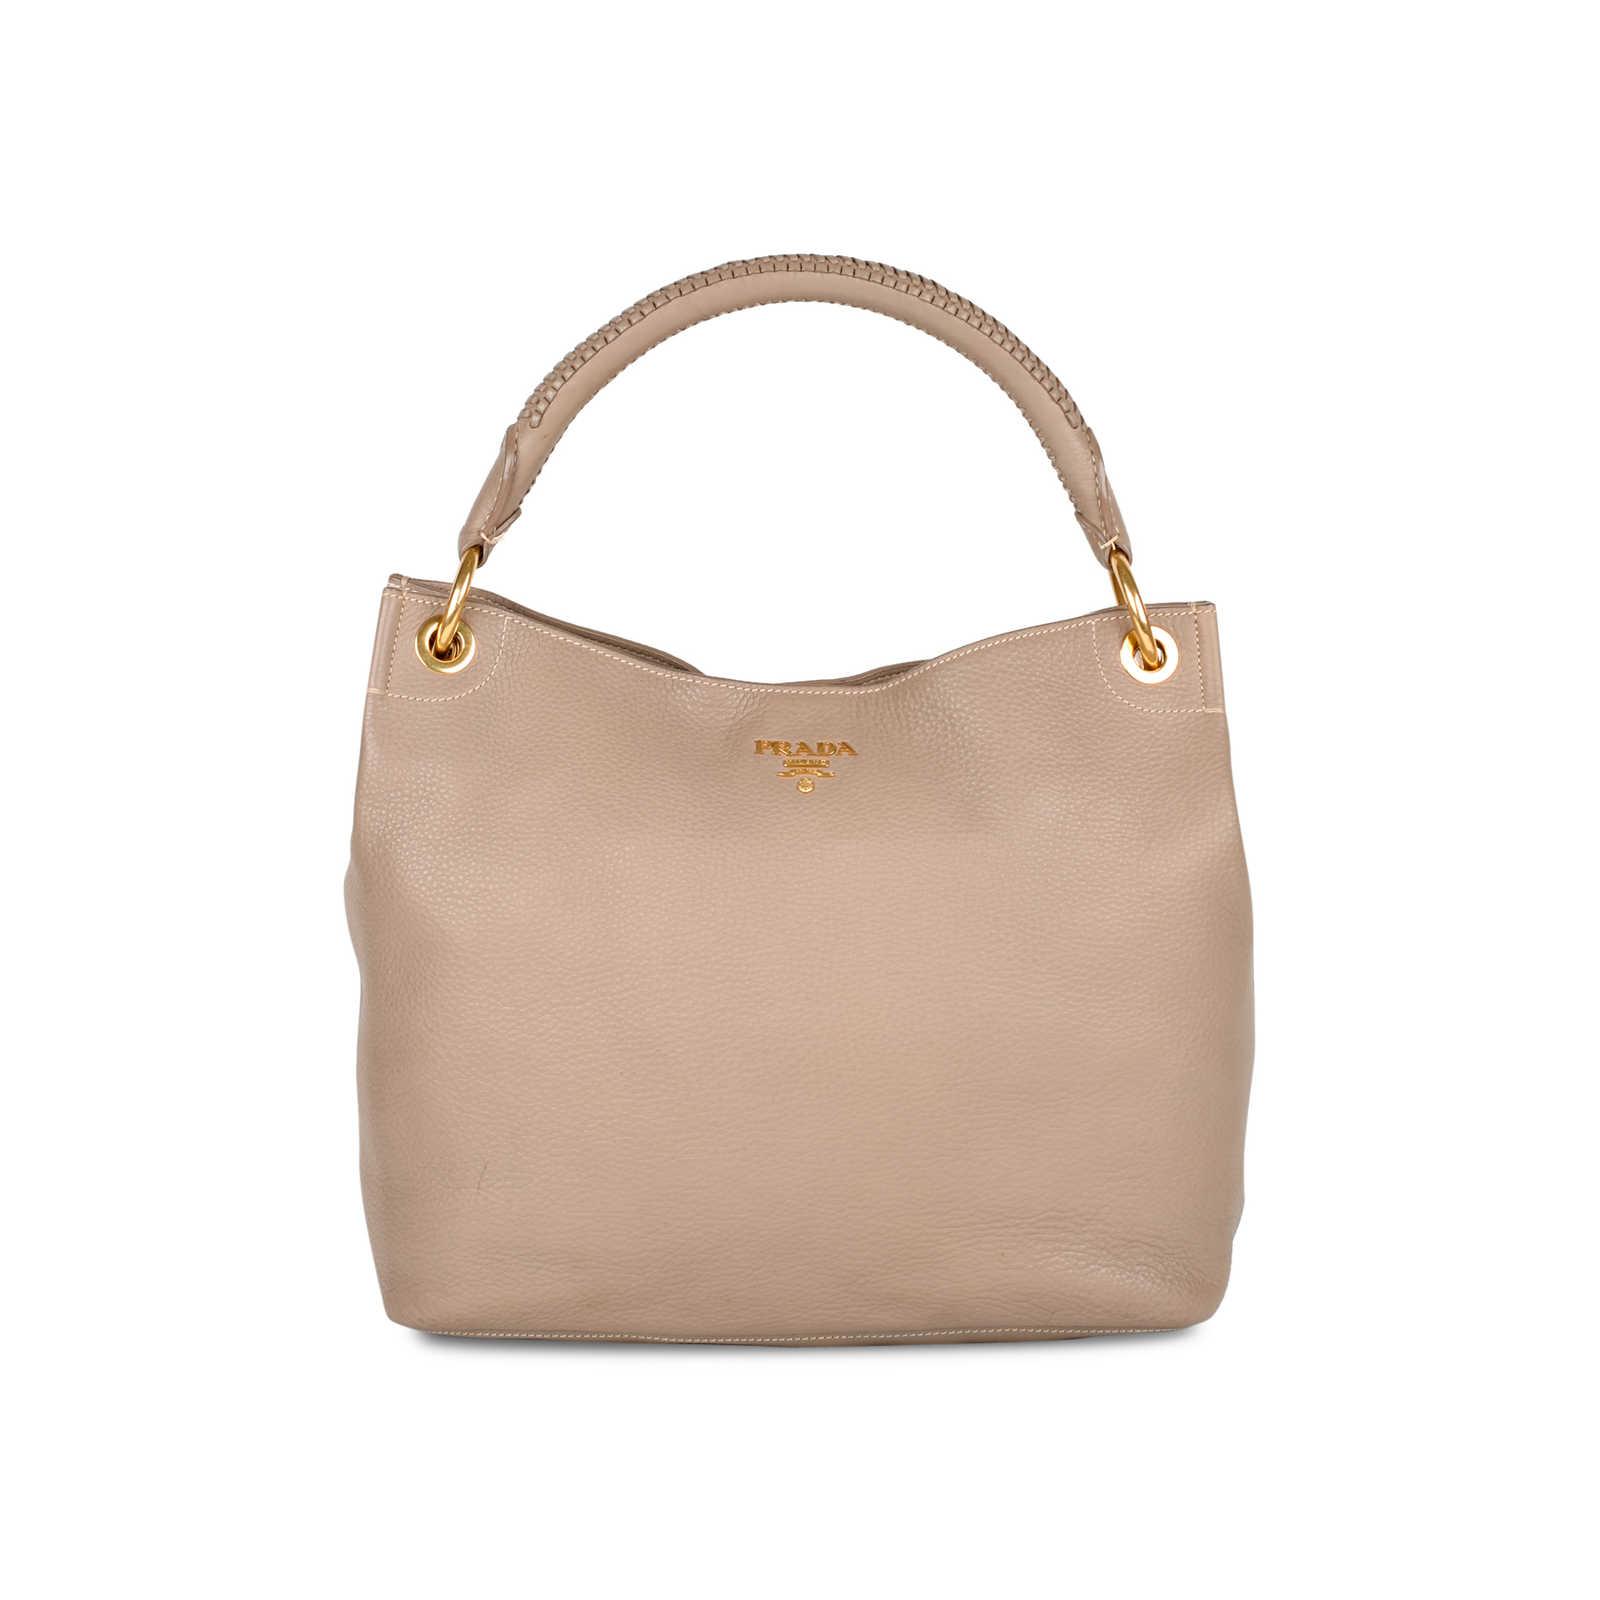 08fc8a4e72b Authentic Second Hand Prada Vitello Daino Hobo Bag (PSS-434-00003 ...